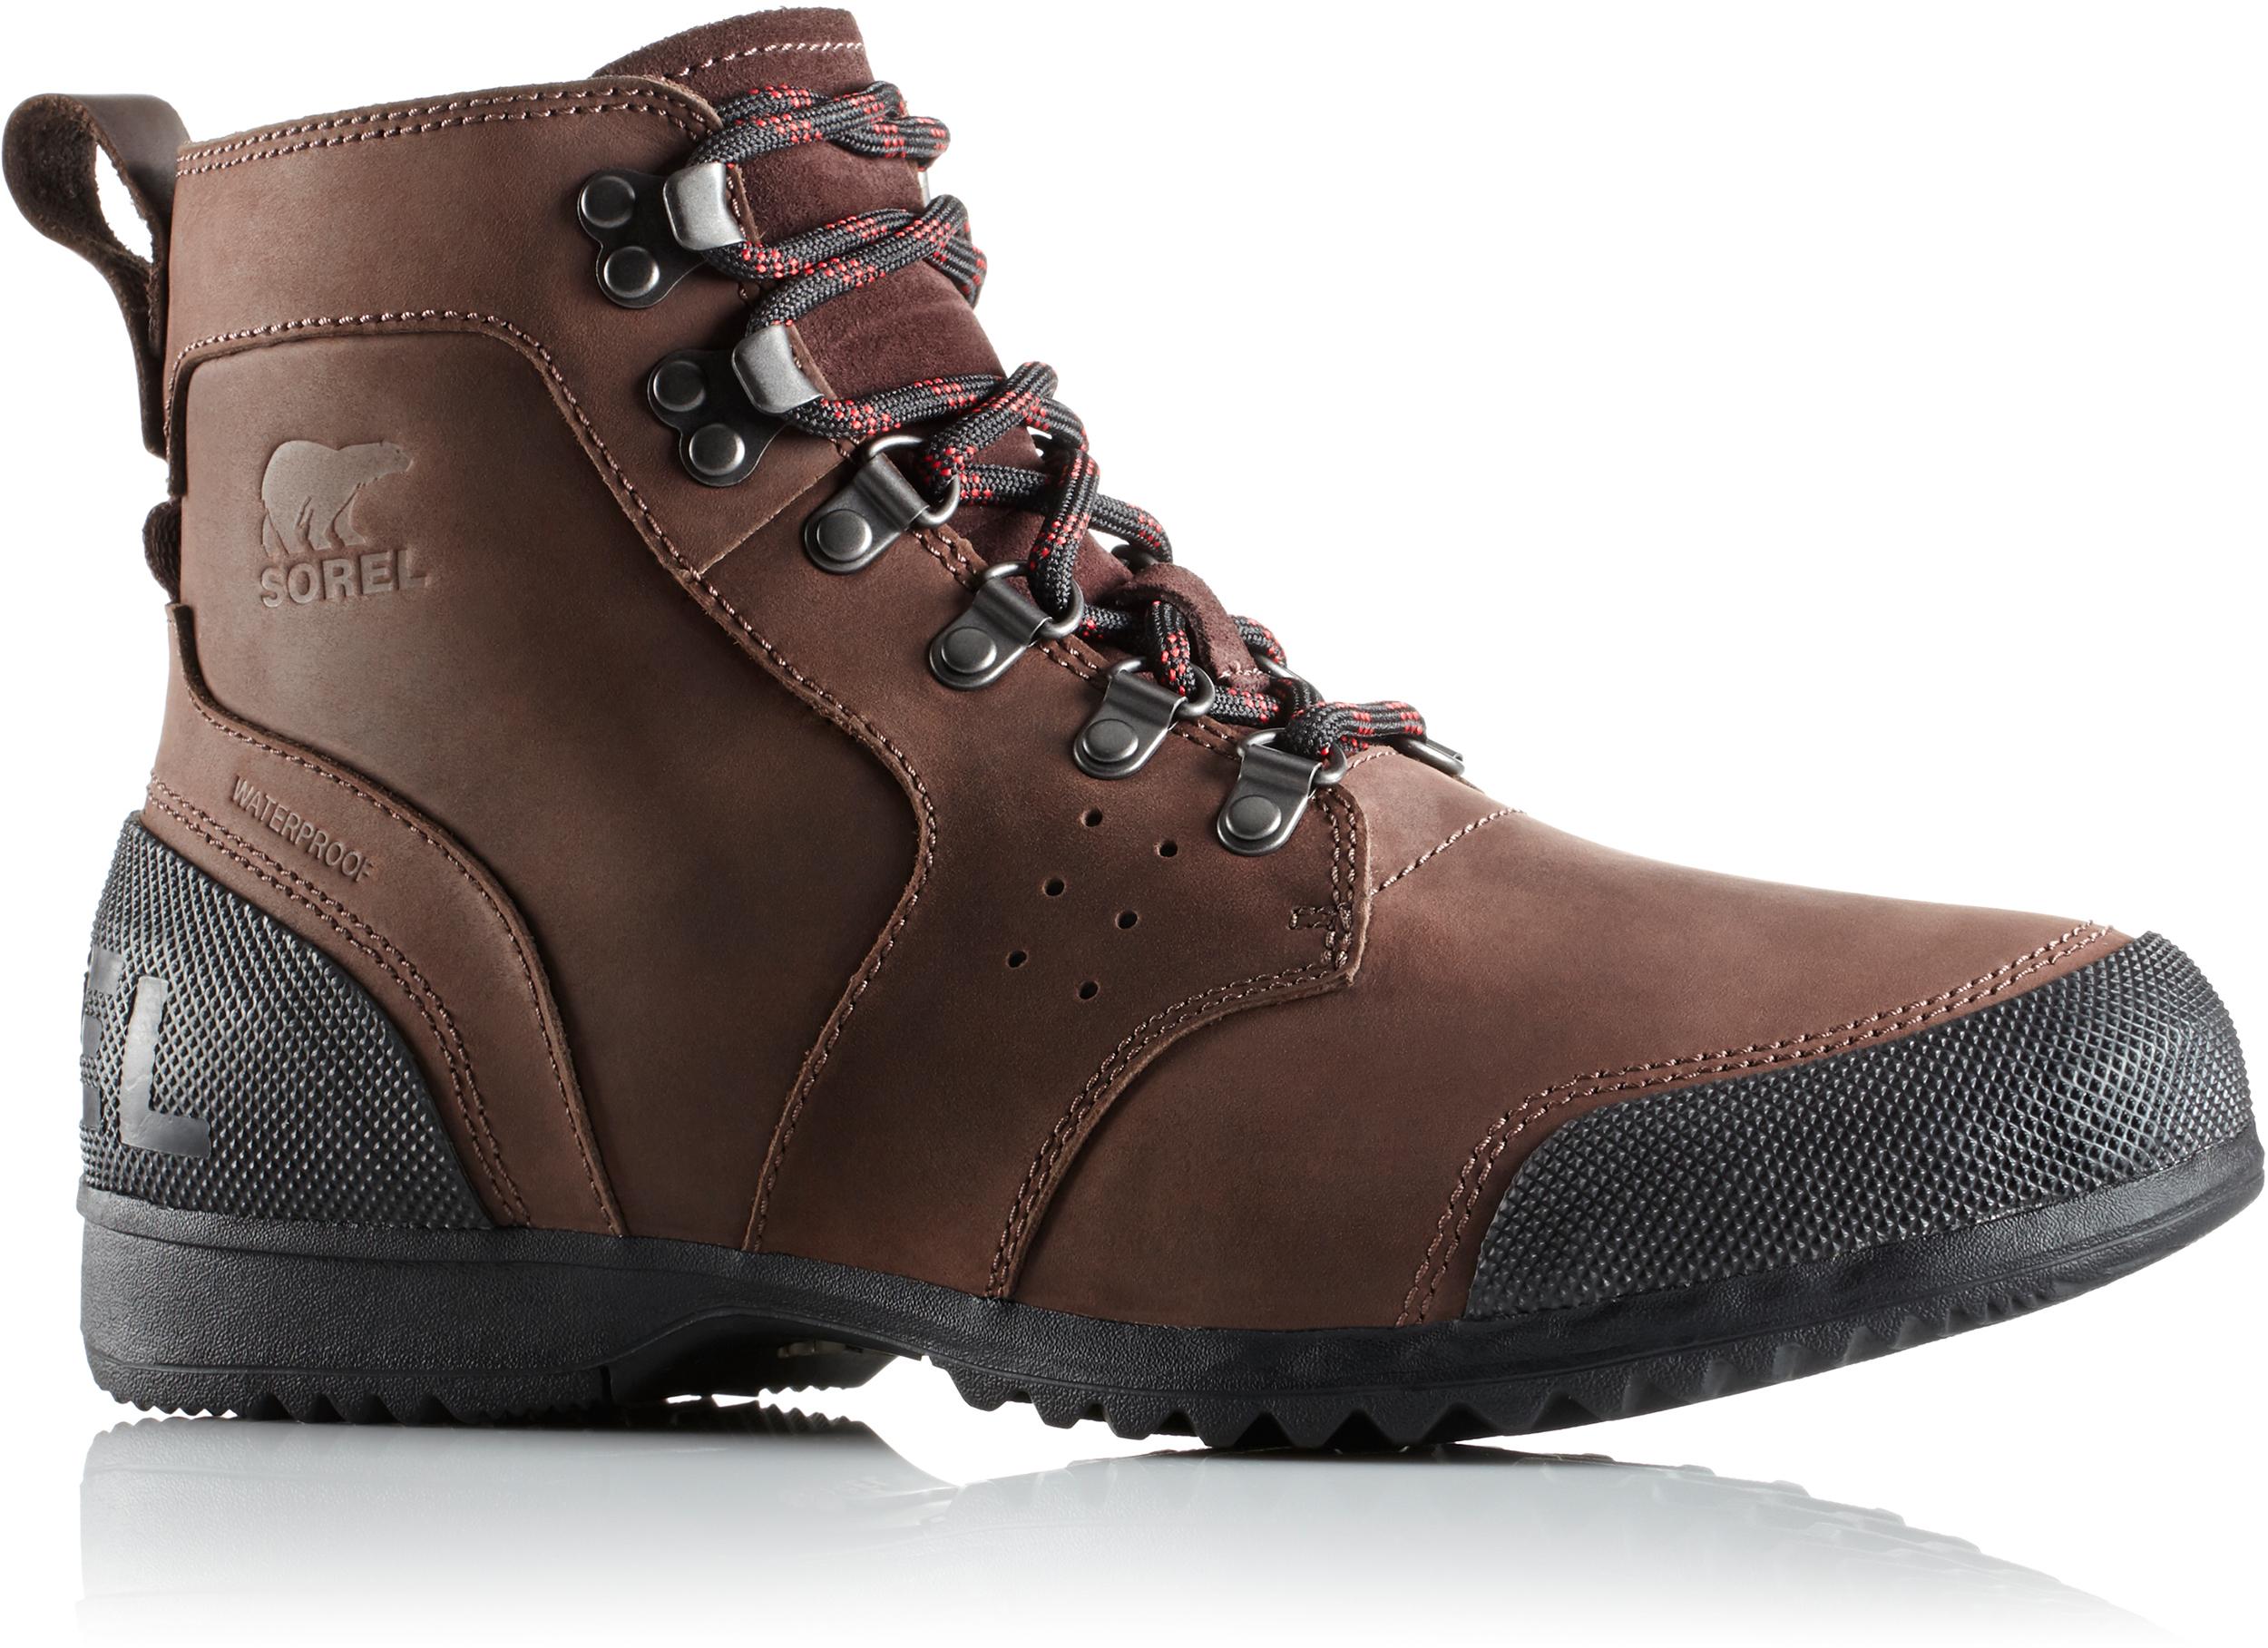 Sorel Ankeny Waterproof Mid Hiker Boots